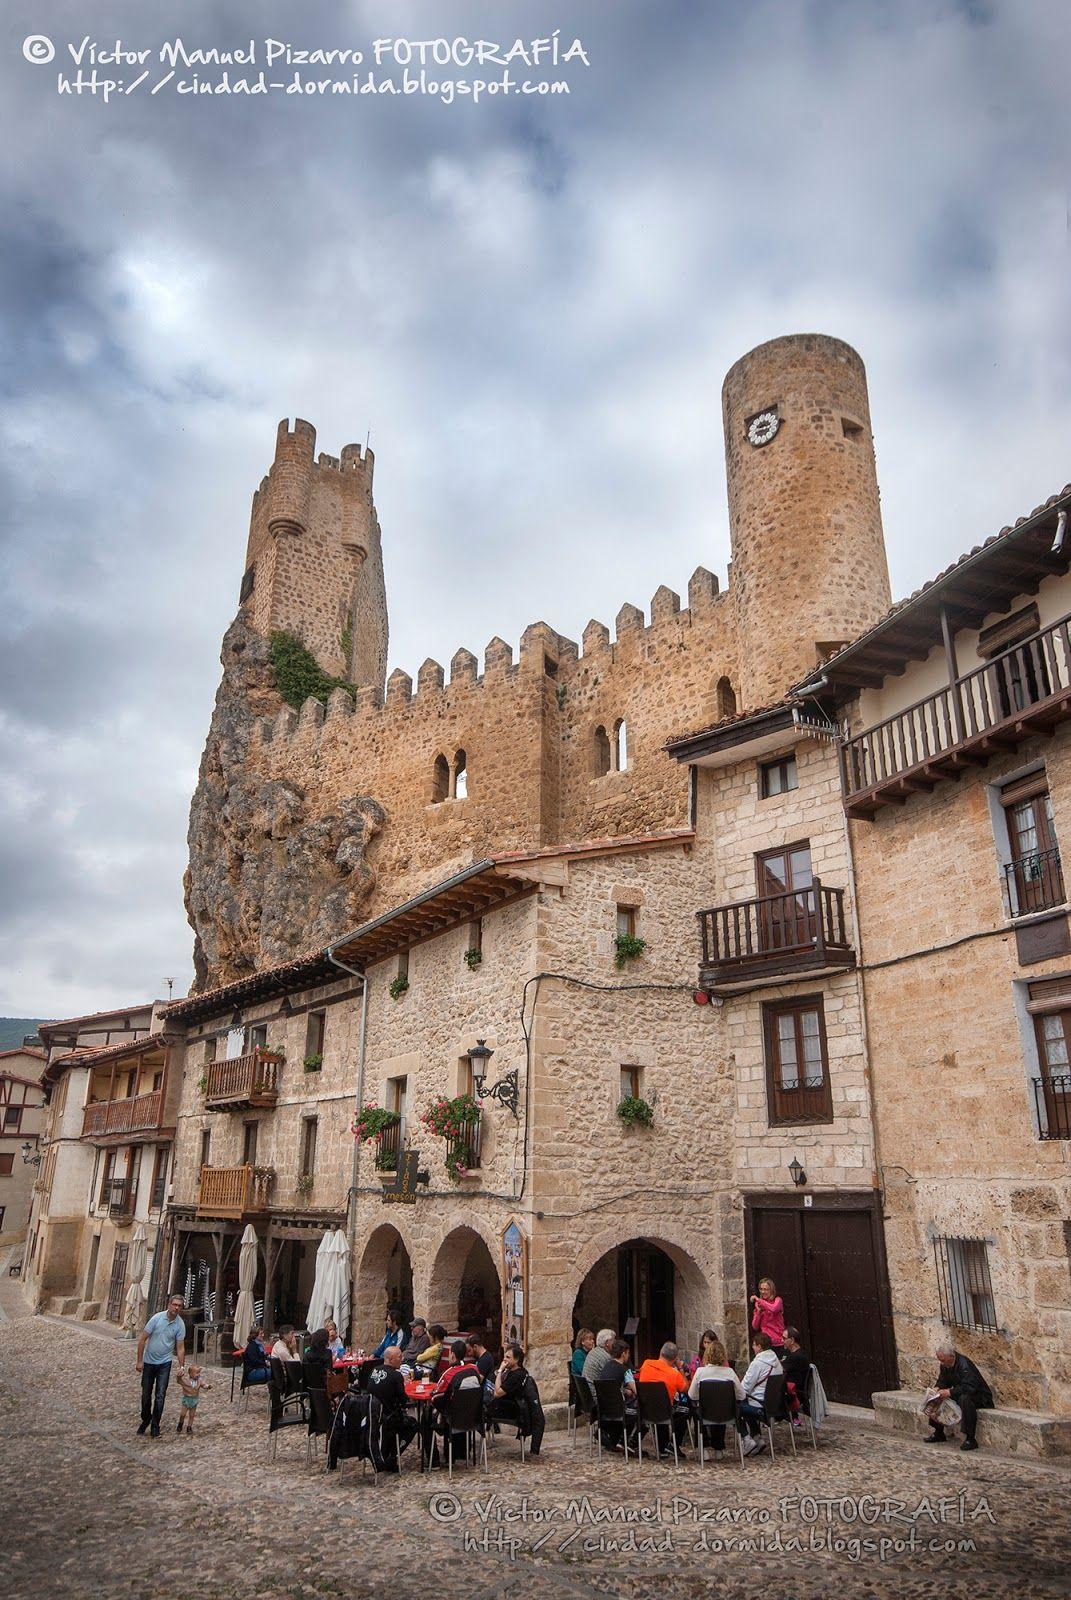 Blog sobre fotograf a viajes y turismo i write about - Casas gratis en pueblos de espana ...